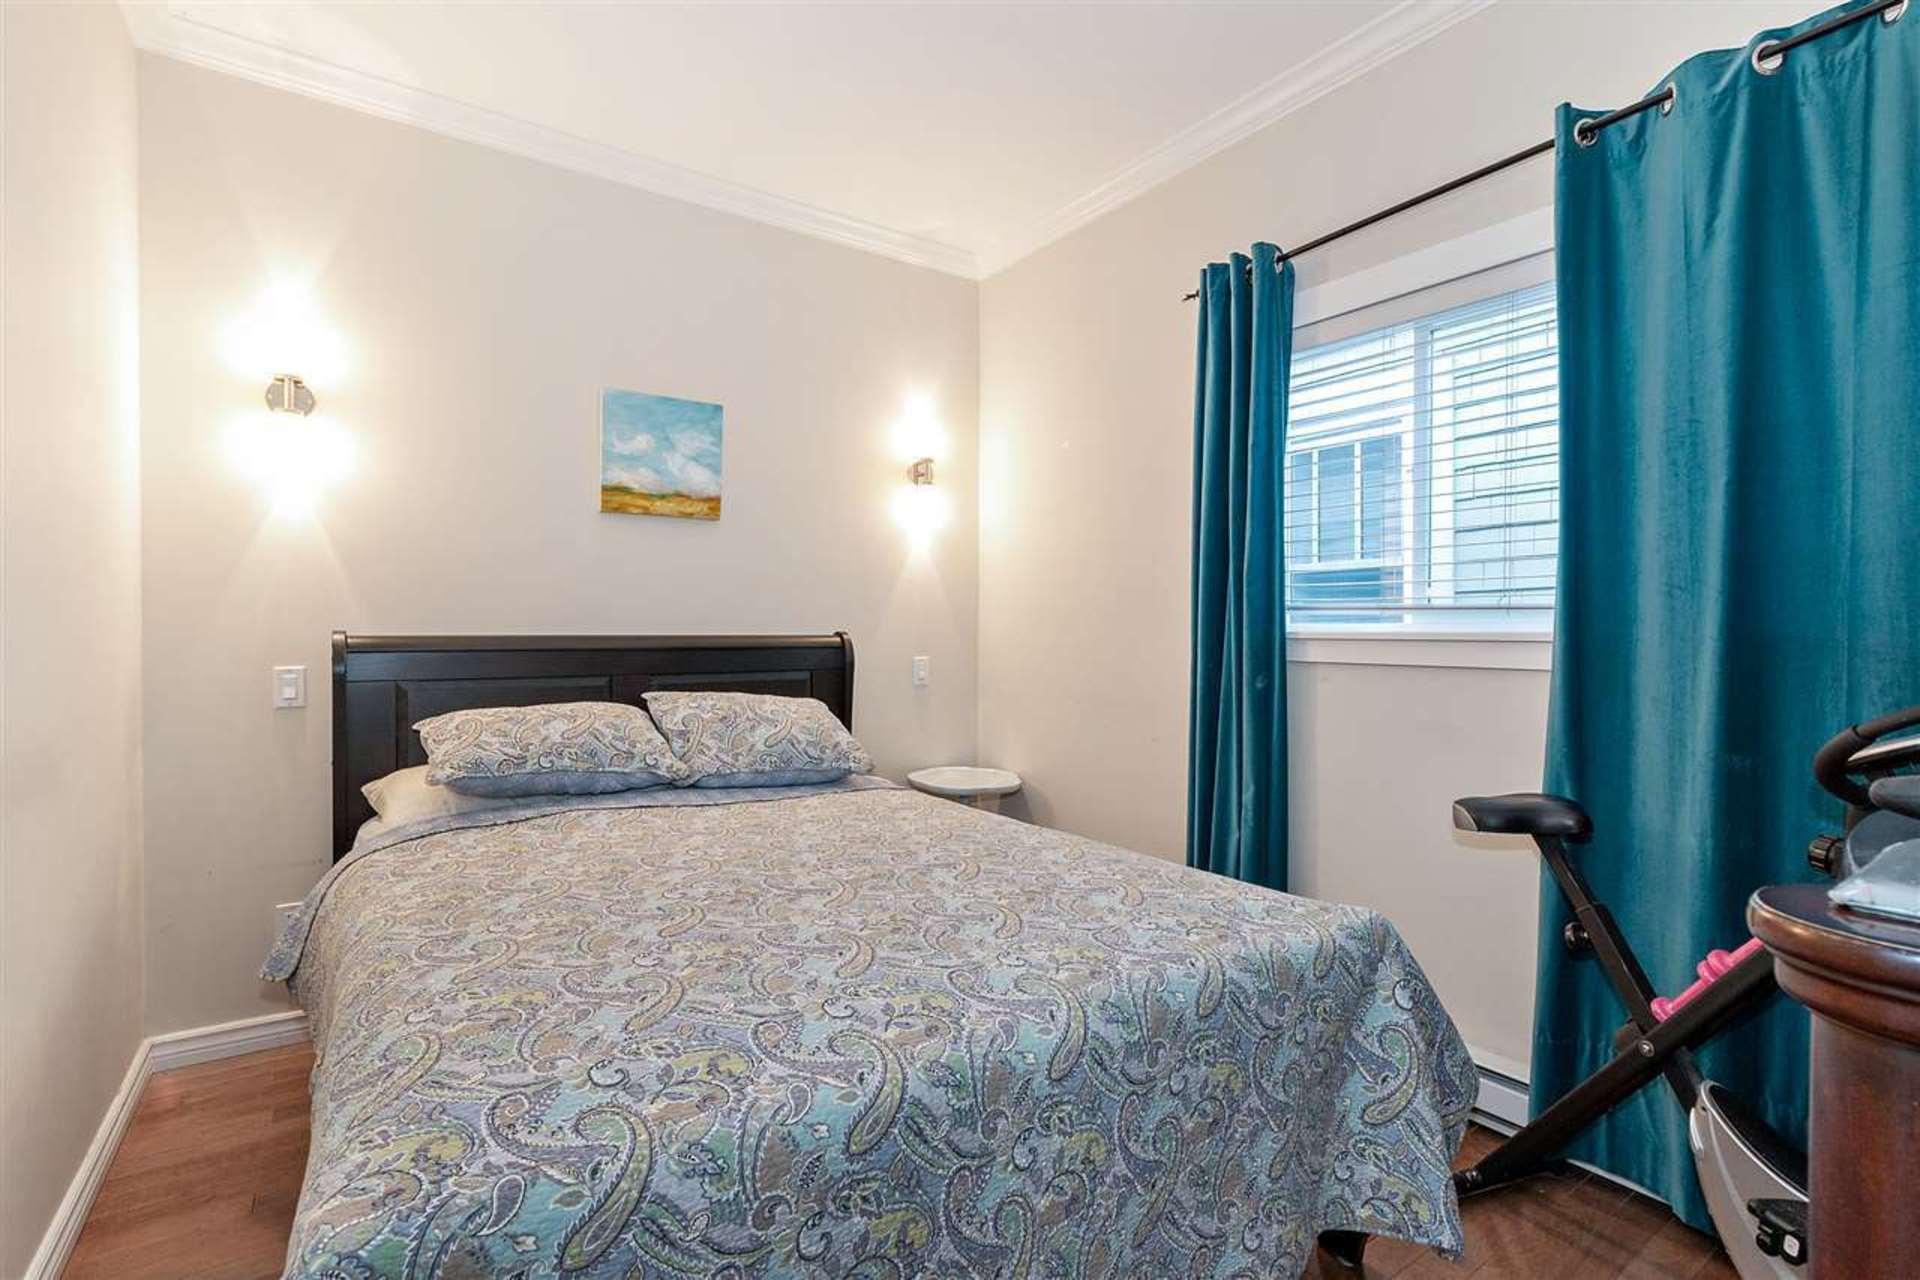 326-e-18th-avenue-main-vancouver-east-10 at 326 E 18th Avenue, Main, Vancouver East